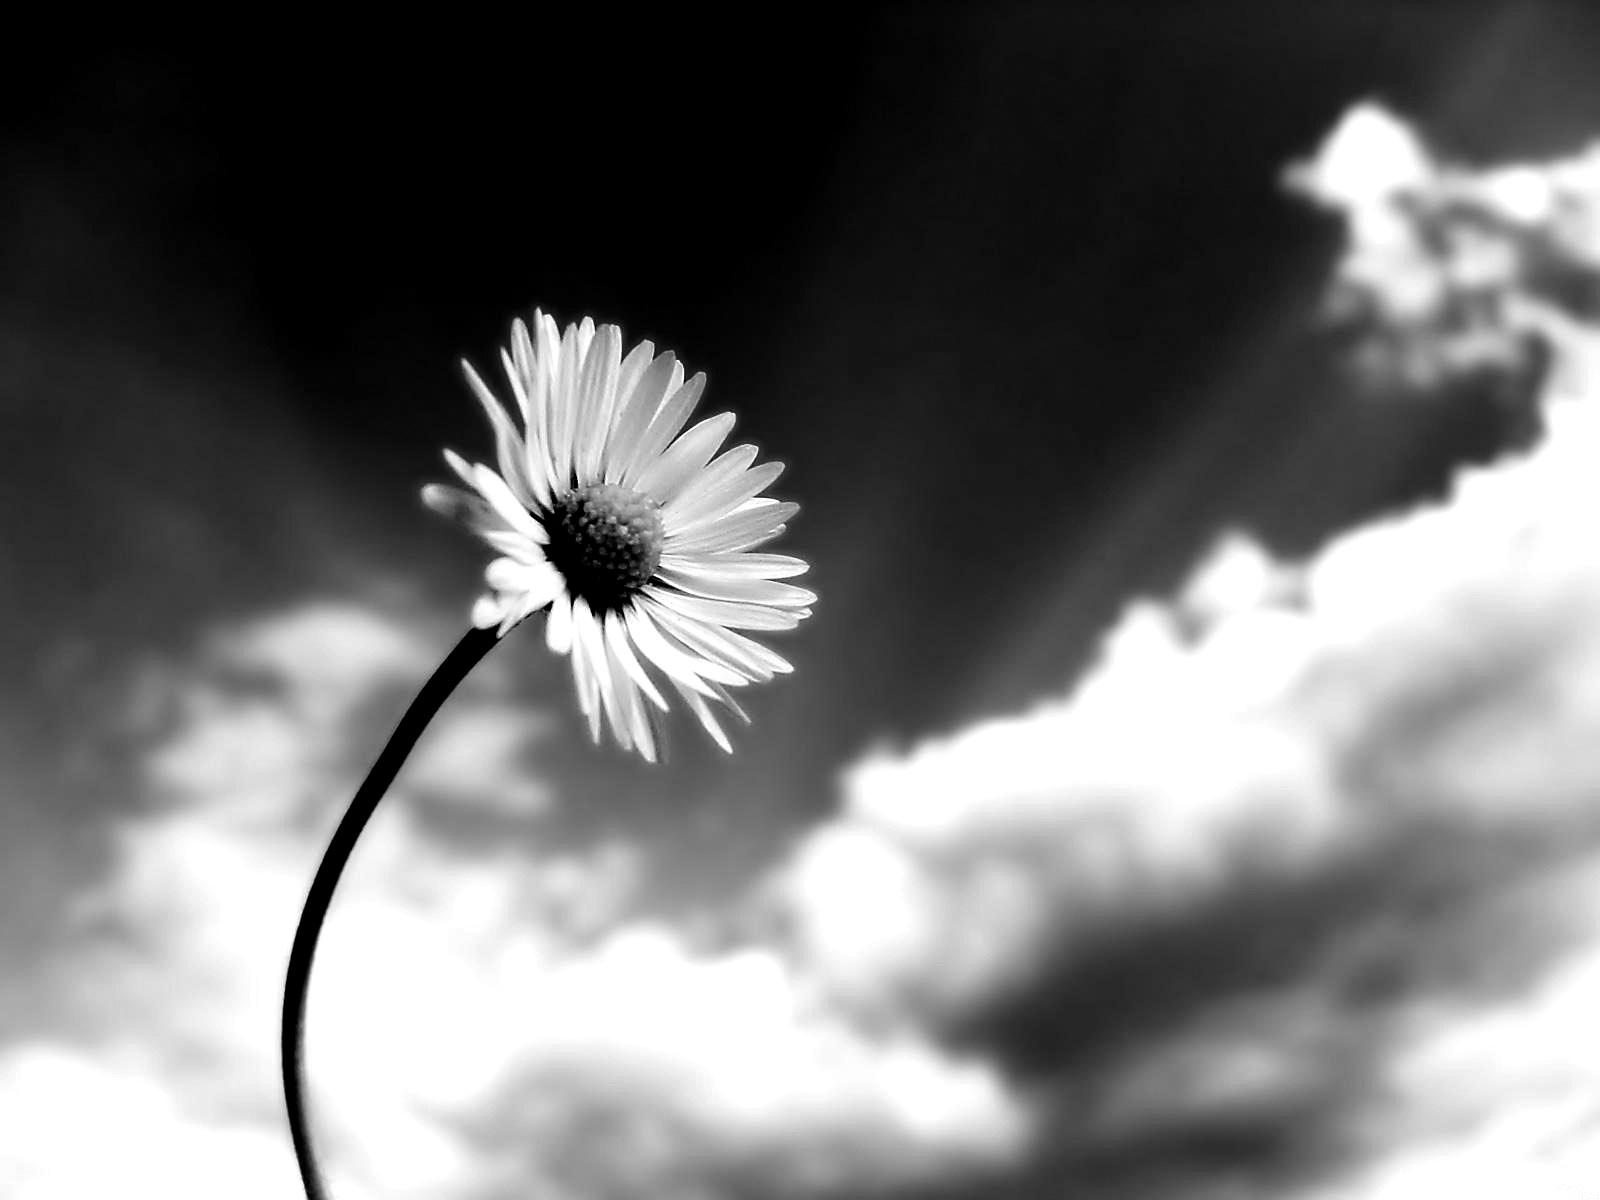 Výsledek obrázku pro black and white photo